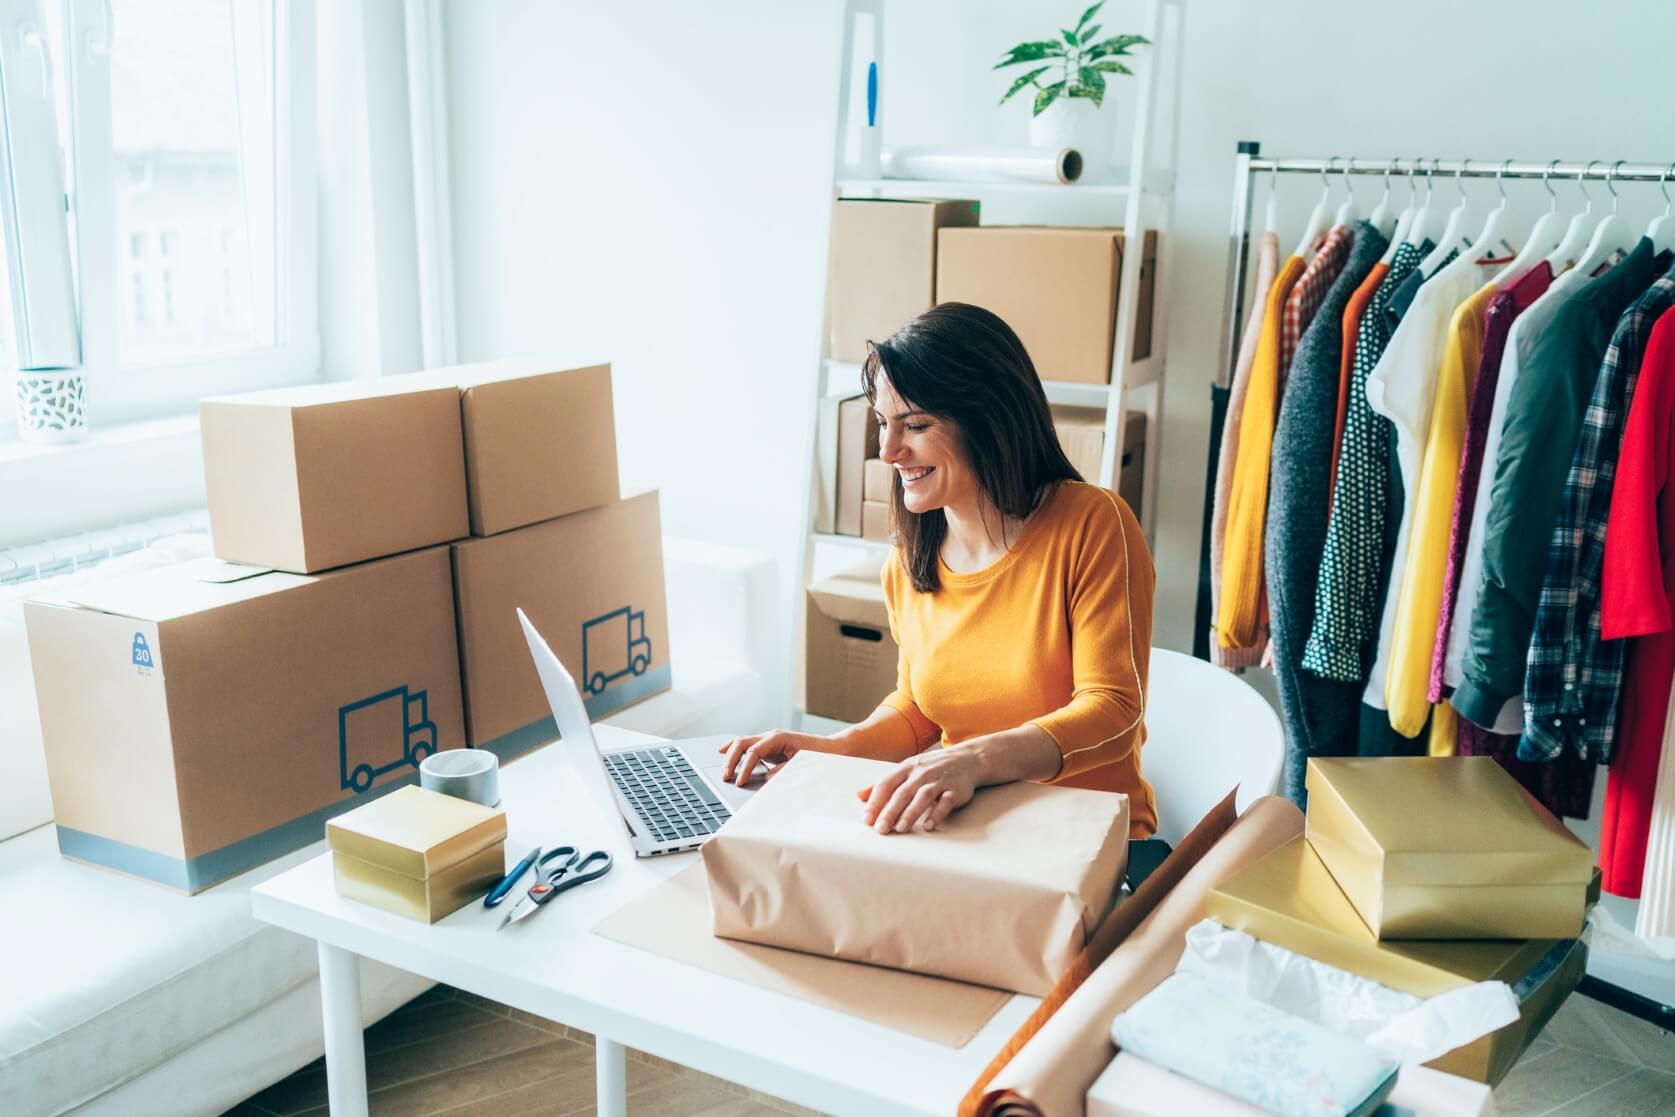 legislacion-venta-online:-todo-lo-que-debes-tener-en-cuenta-para-vender-por-internet